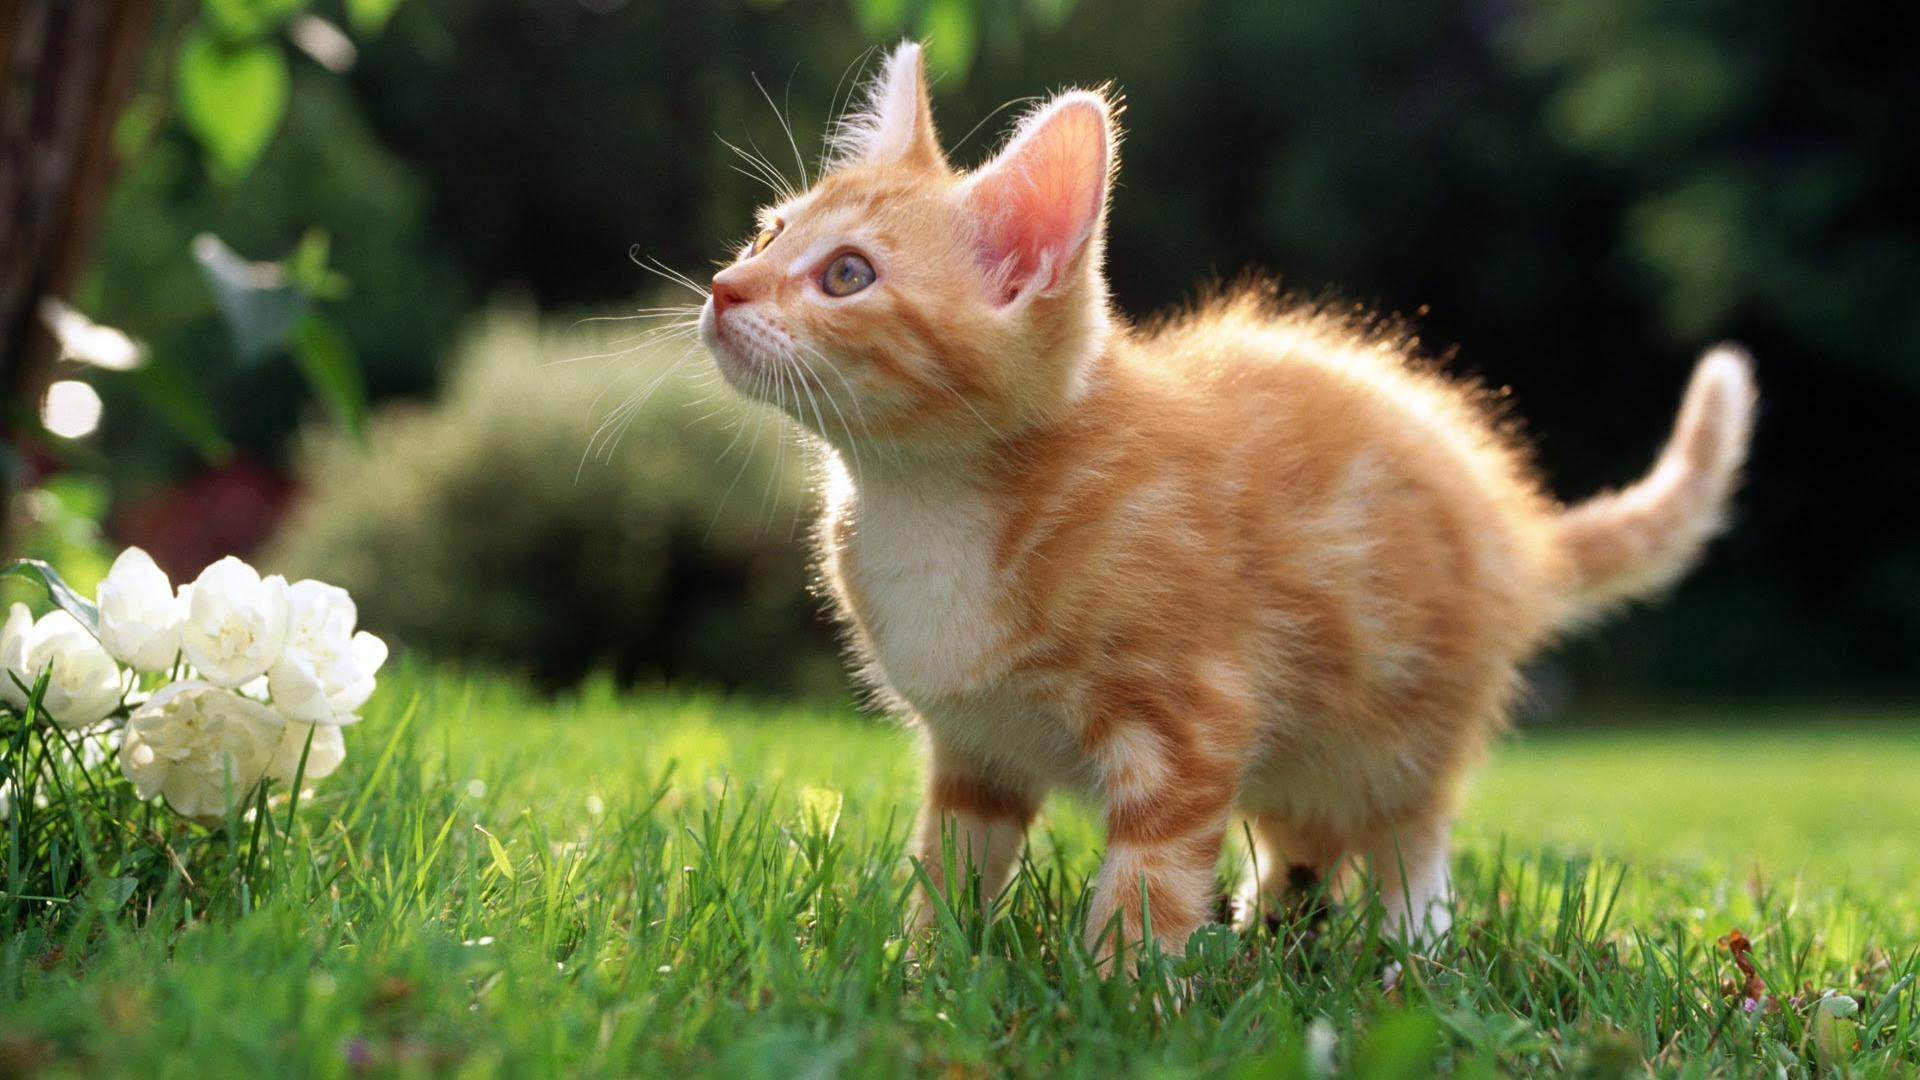 Hdの壁紙かわいい猫の写真 39 1920x1080 壁紙ダウンロード Hdの